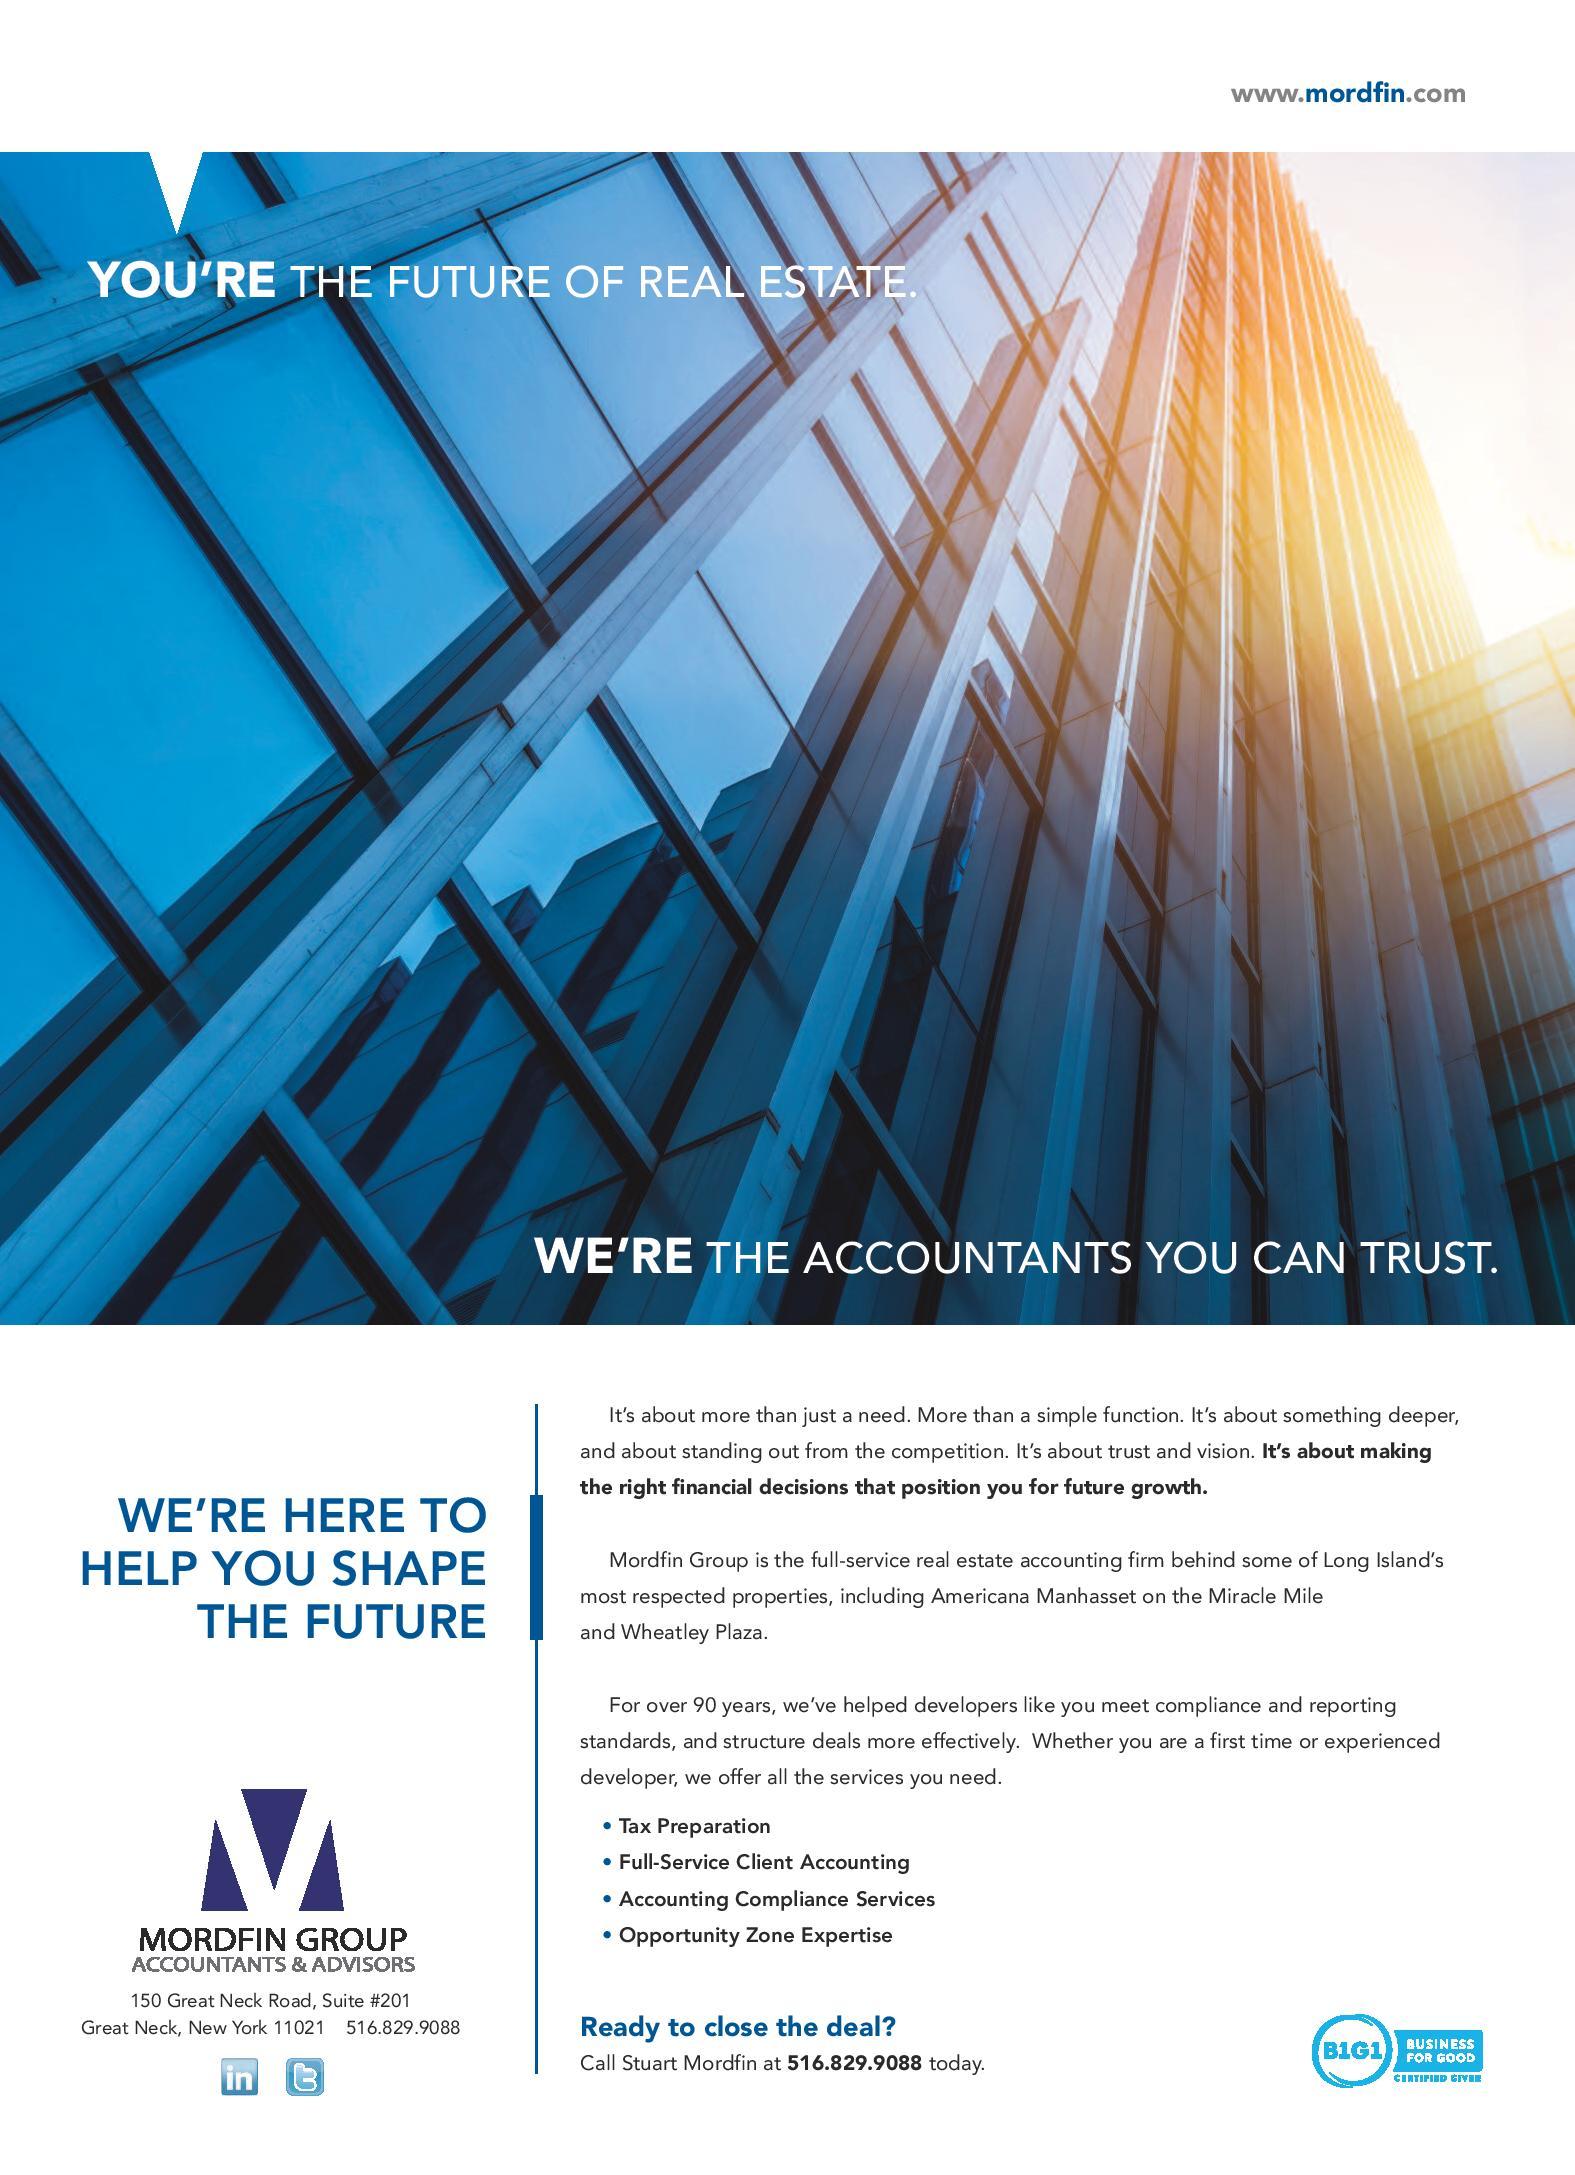 Mordfin Real Estate Ad.jpg